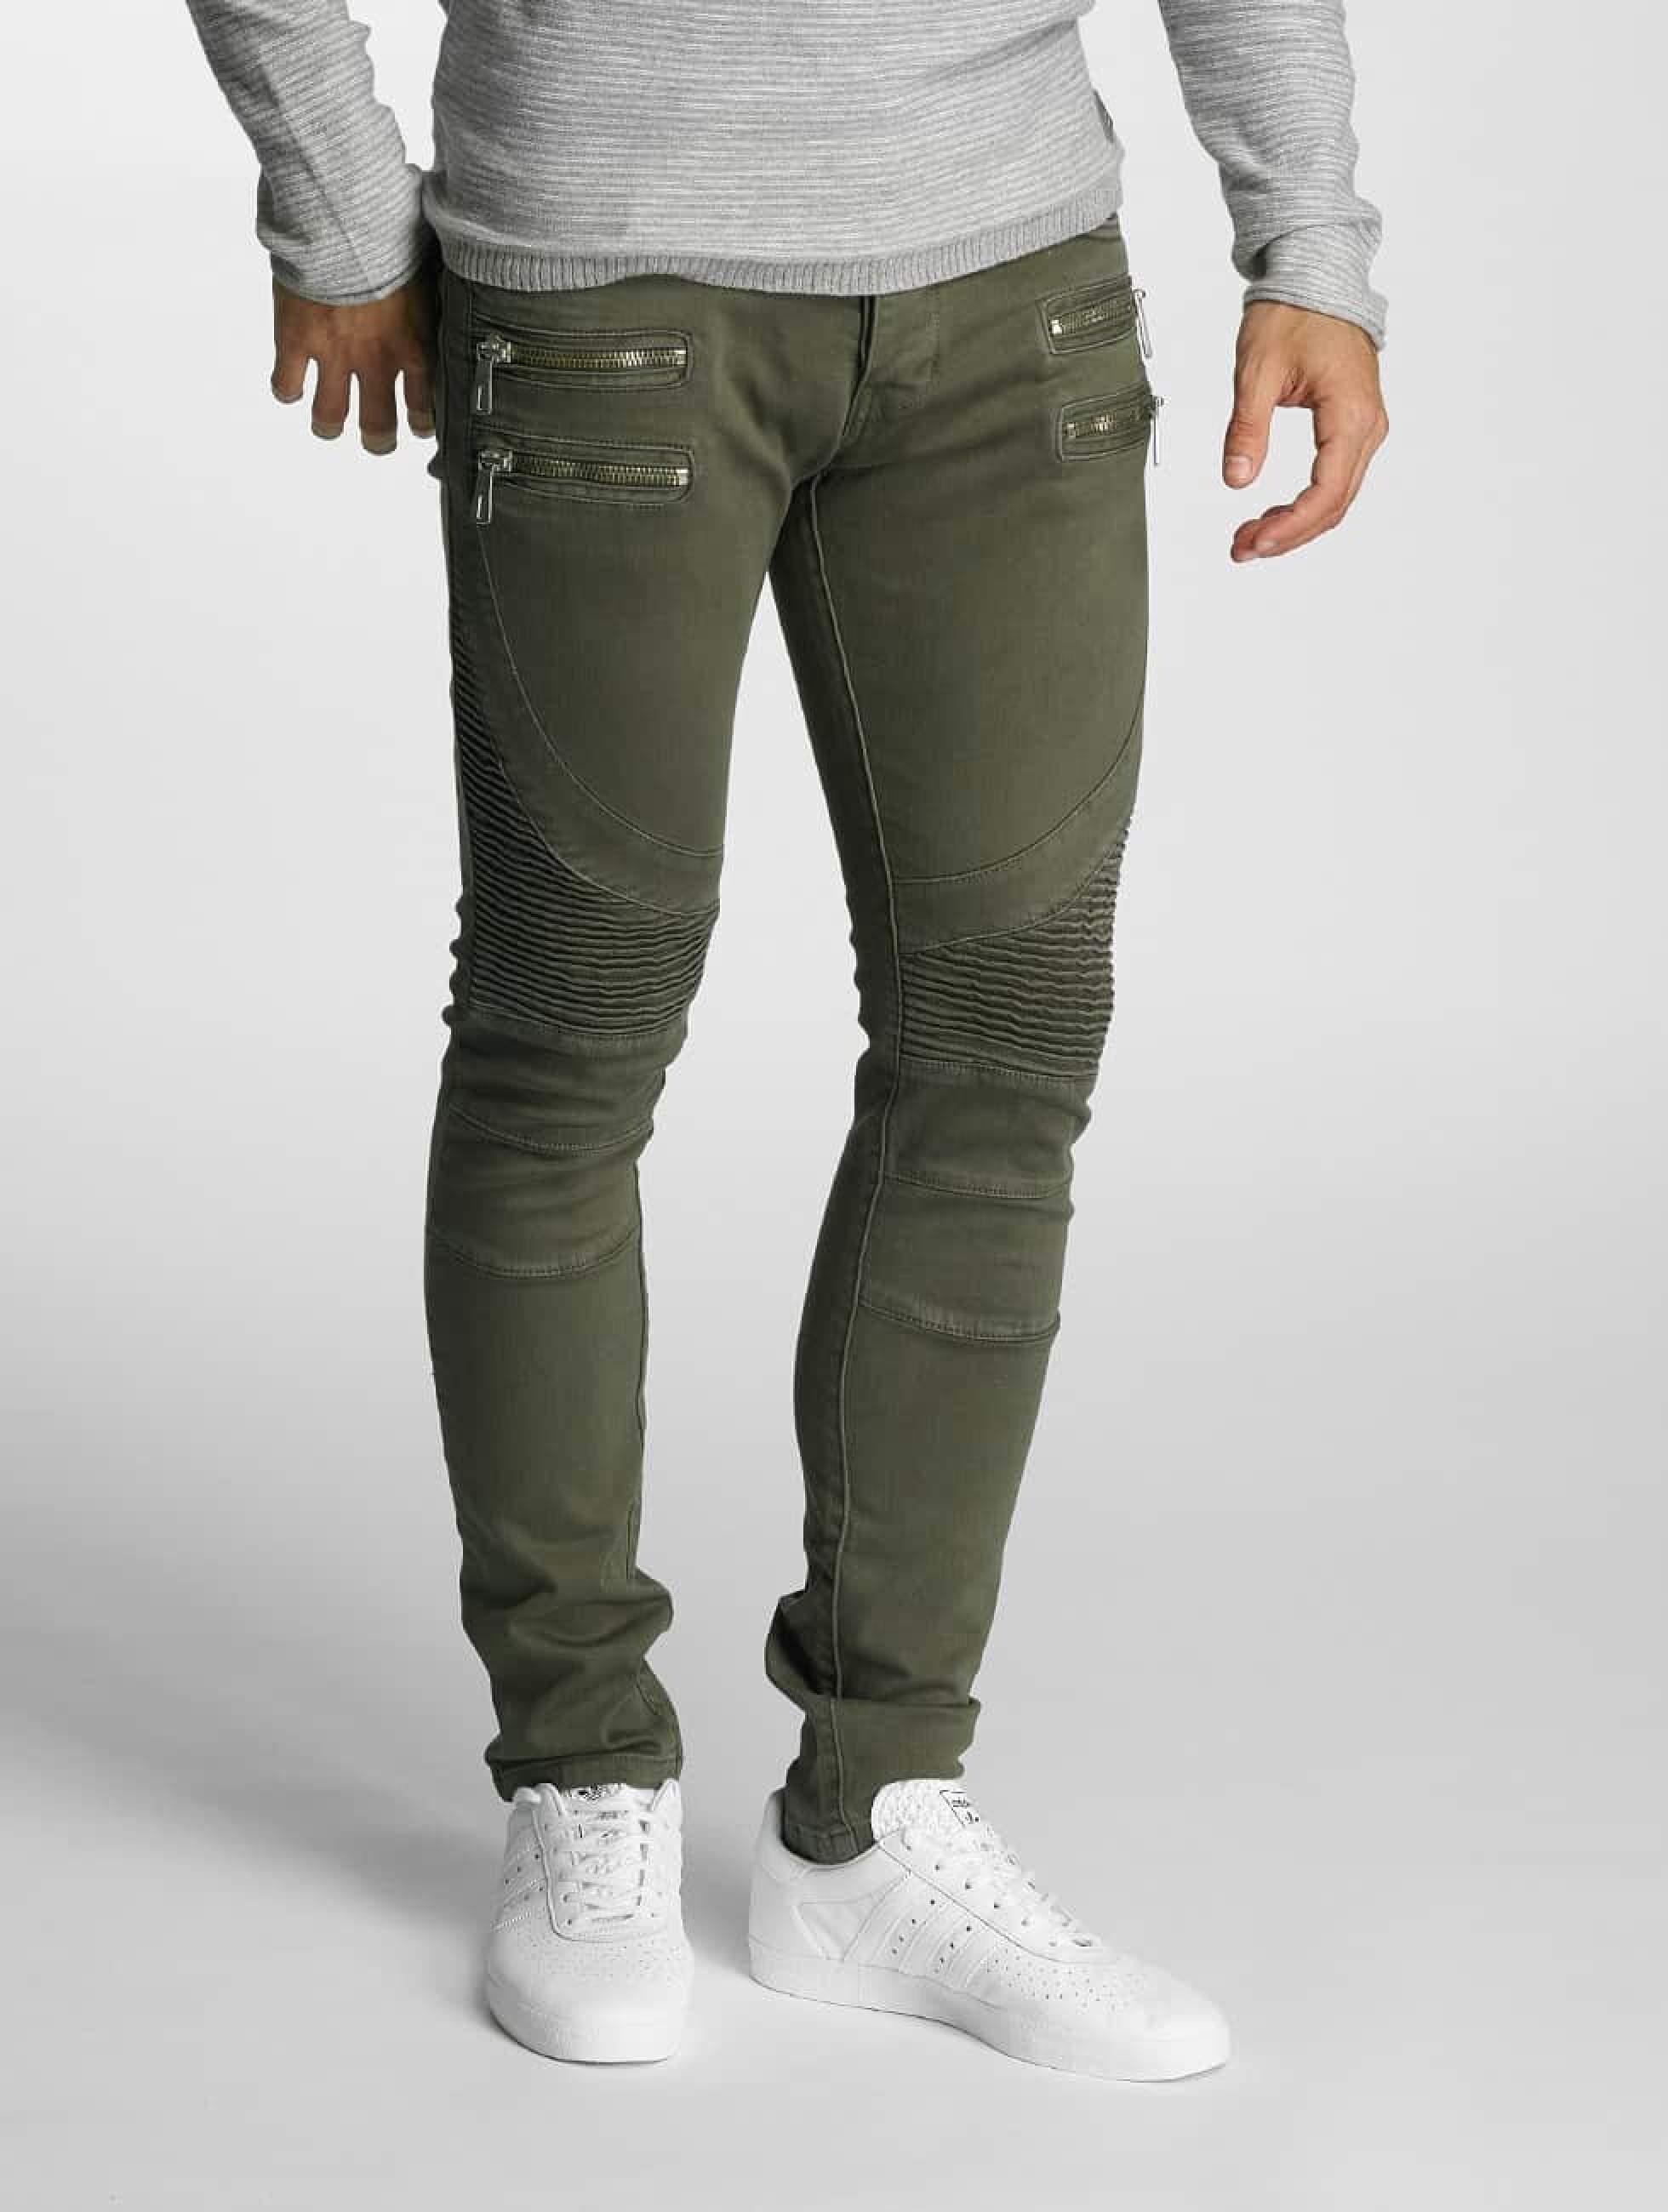 2Y / Skinny Jeans Savage in olive W 32